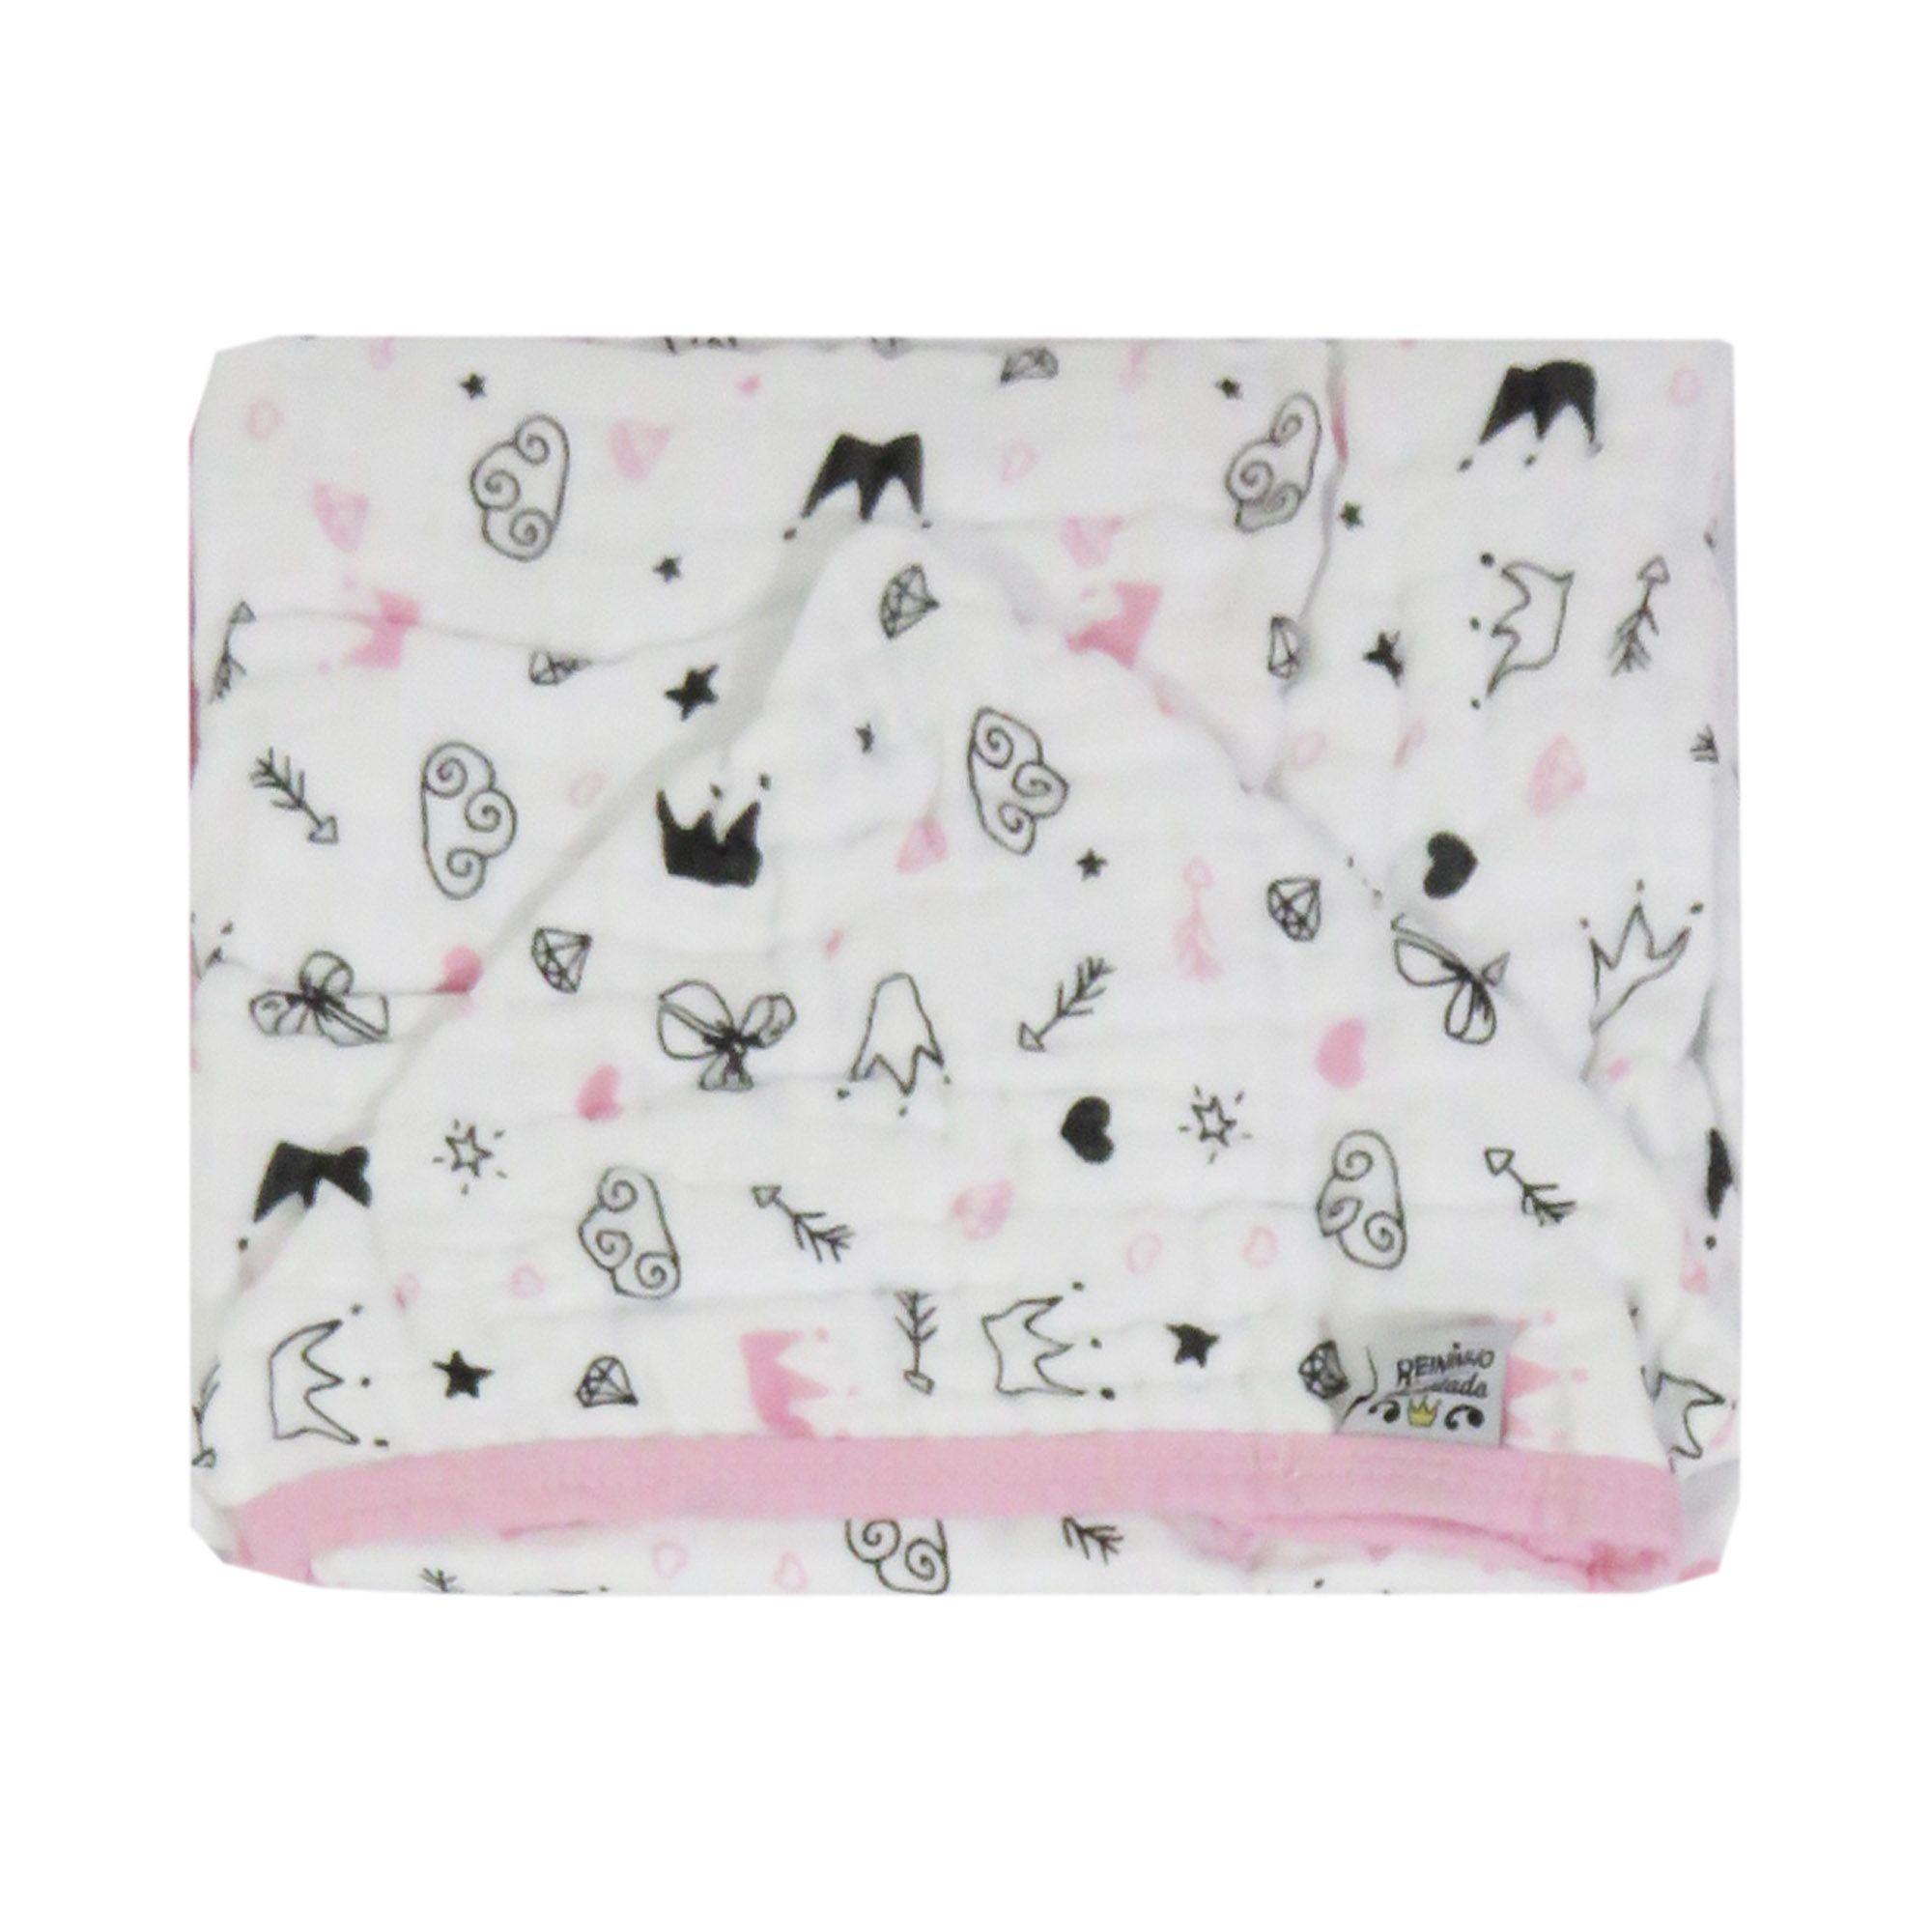 Toalha de banho com capuz Soft - Minasrey - Reininho Encantado